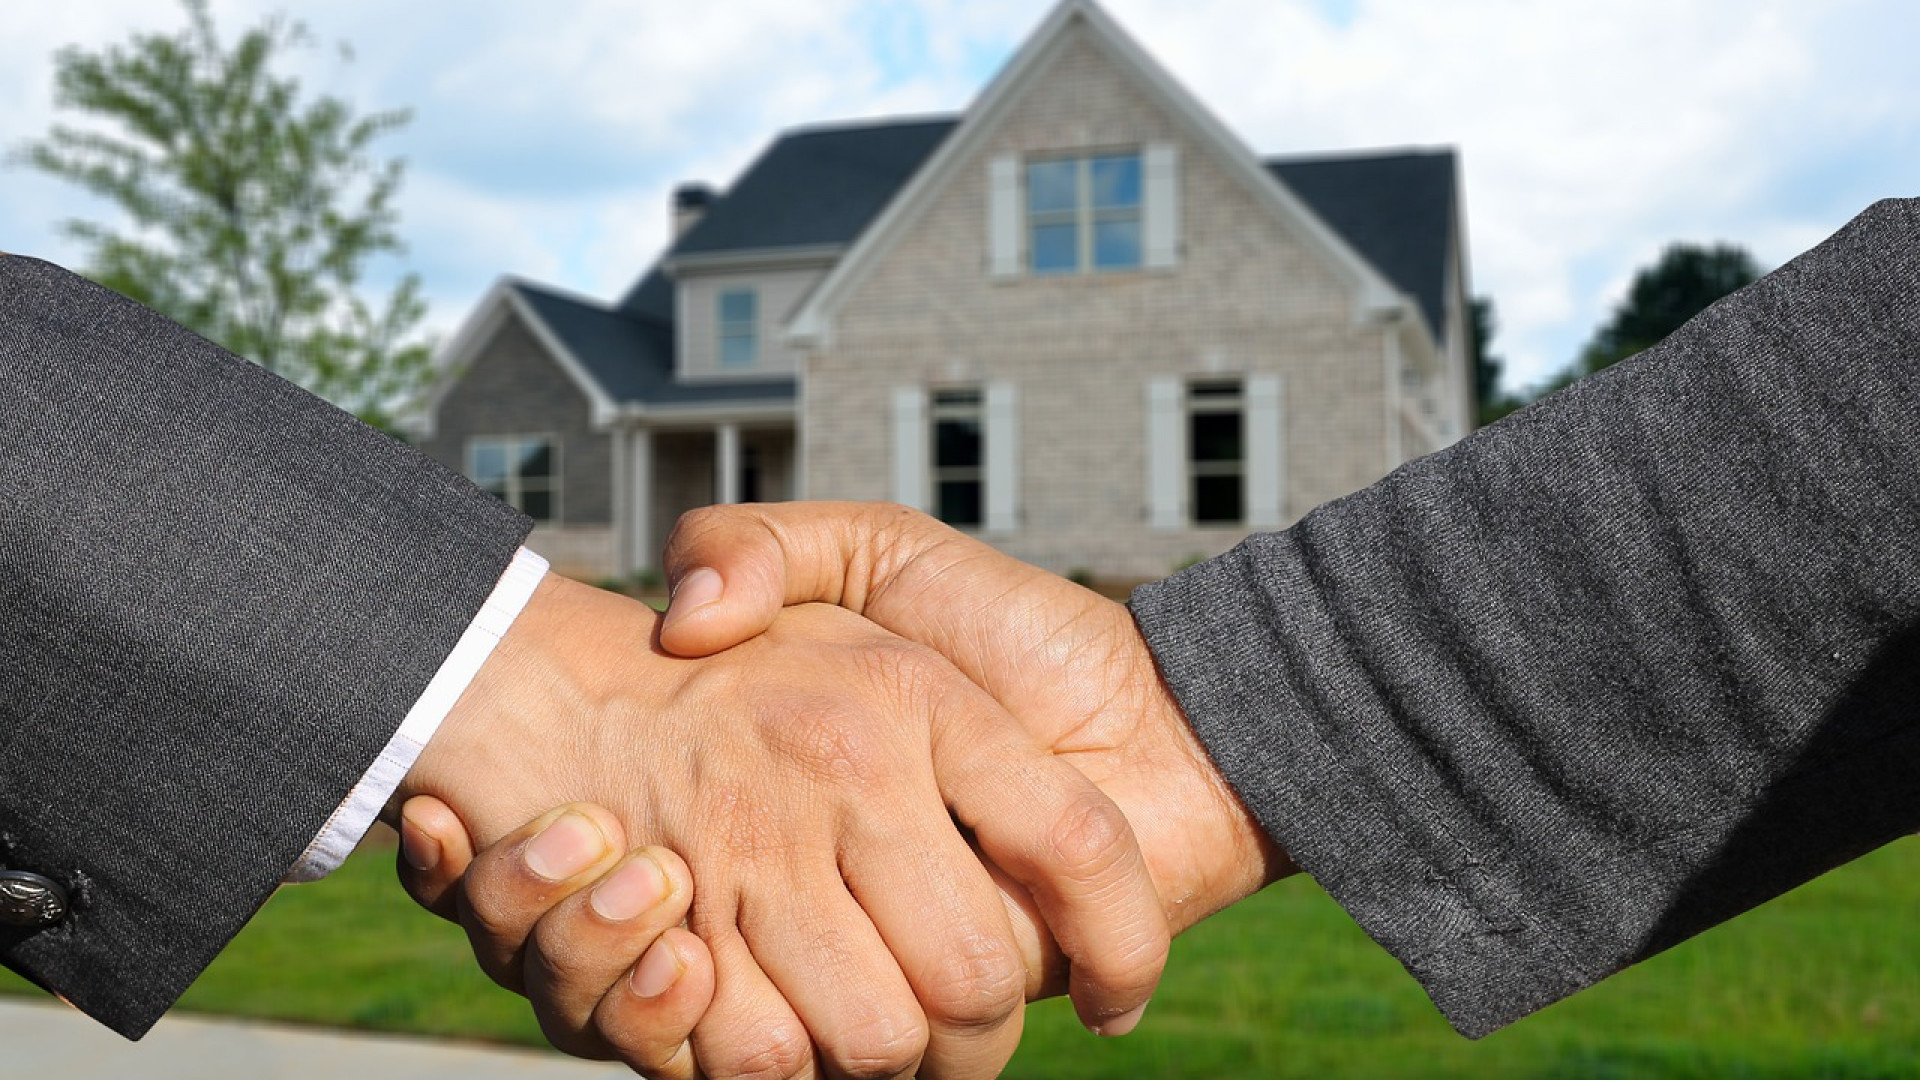 Premier achat immobilier sur Colmar : les essentiels à connaître